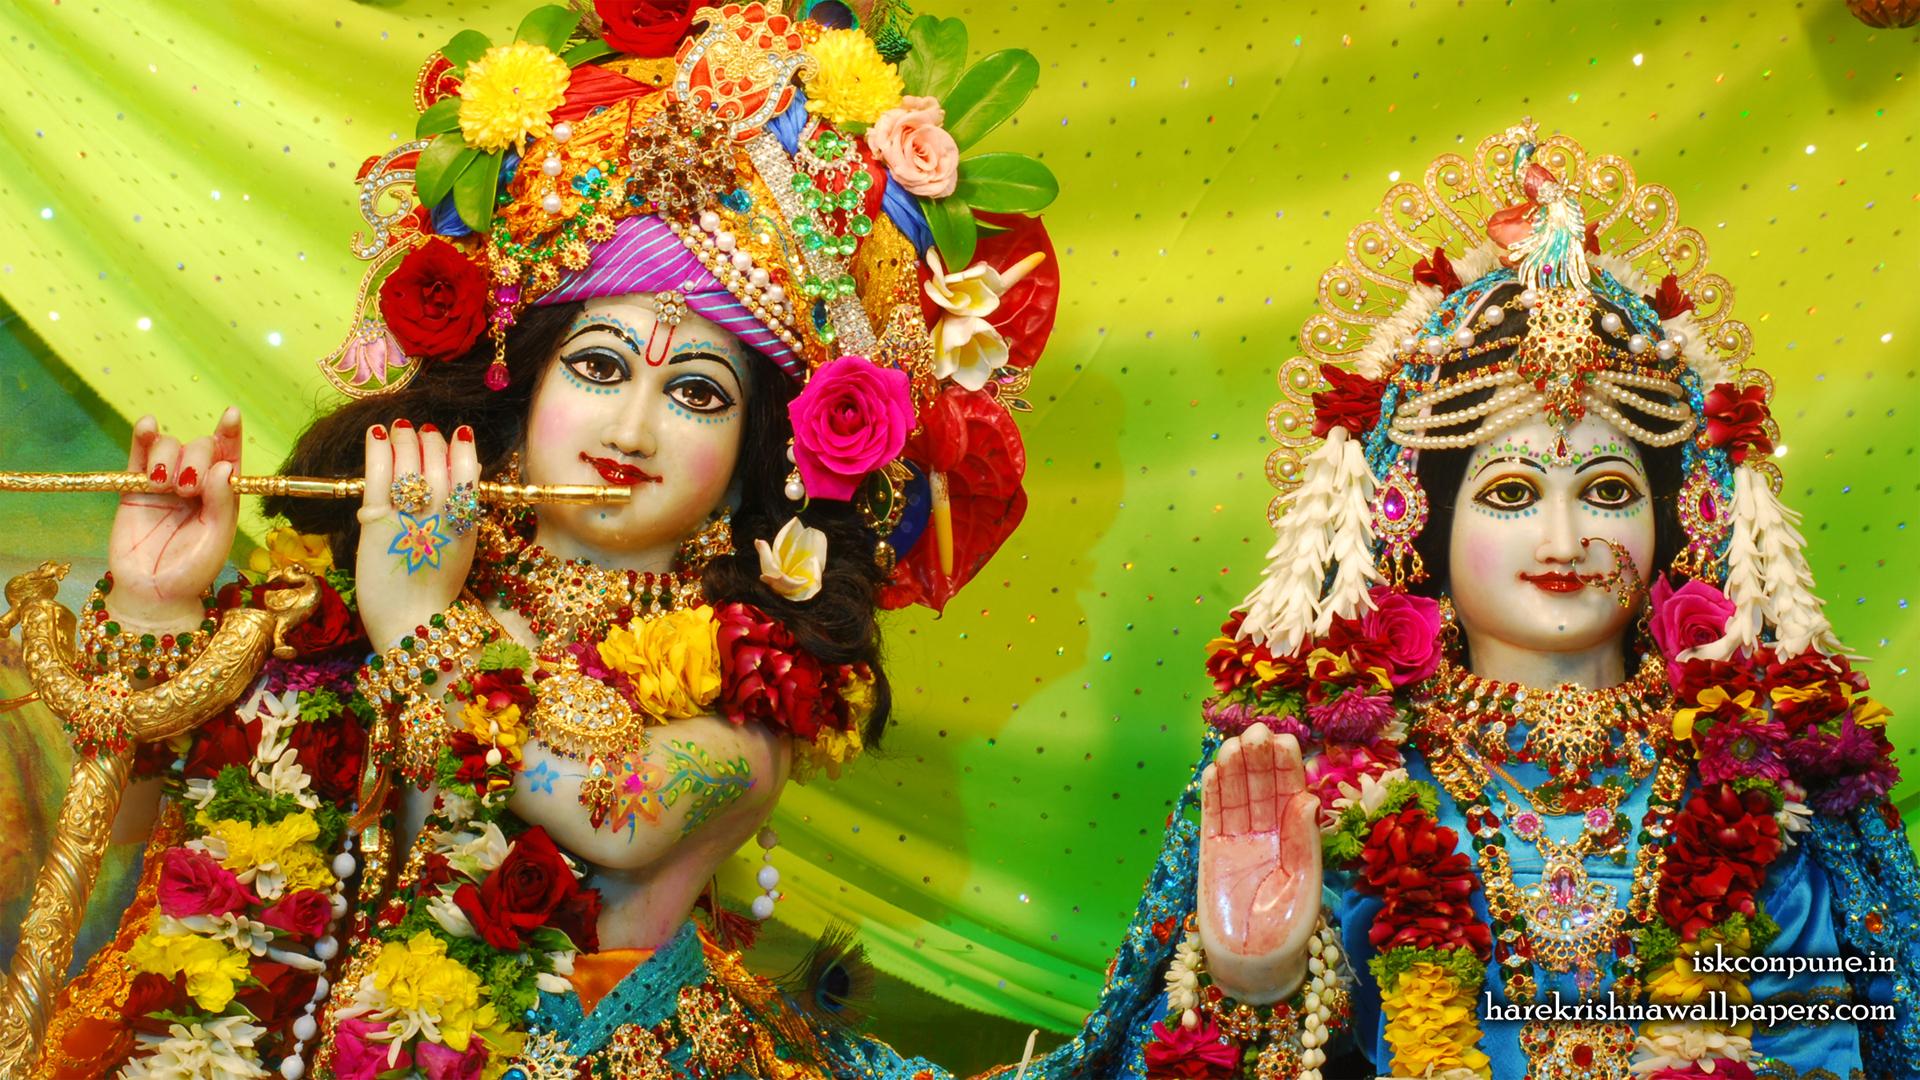 Sri Sri Radha Kunjabihari Close up Wallpaper (006) Size 1920x1080 Download